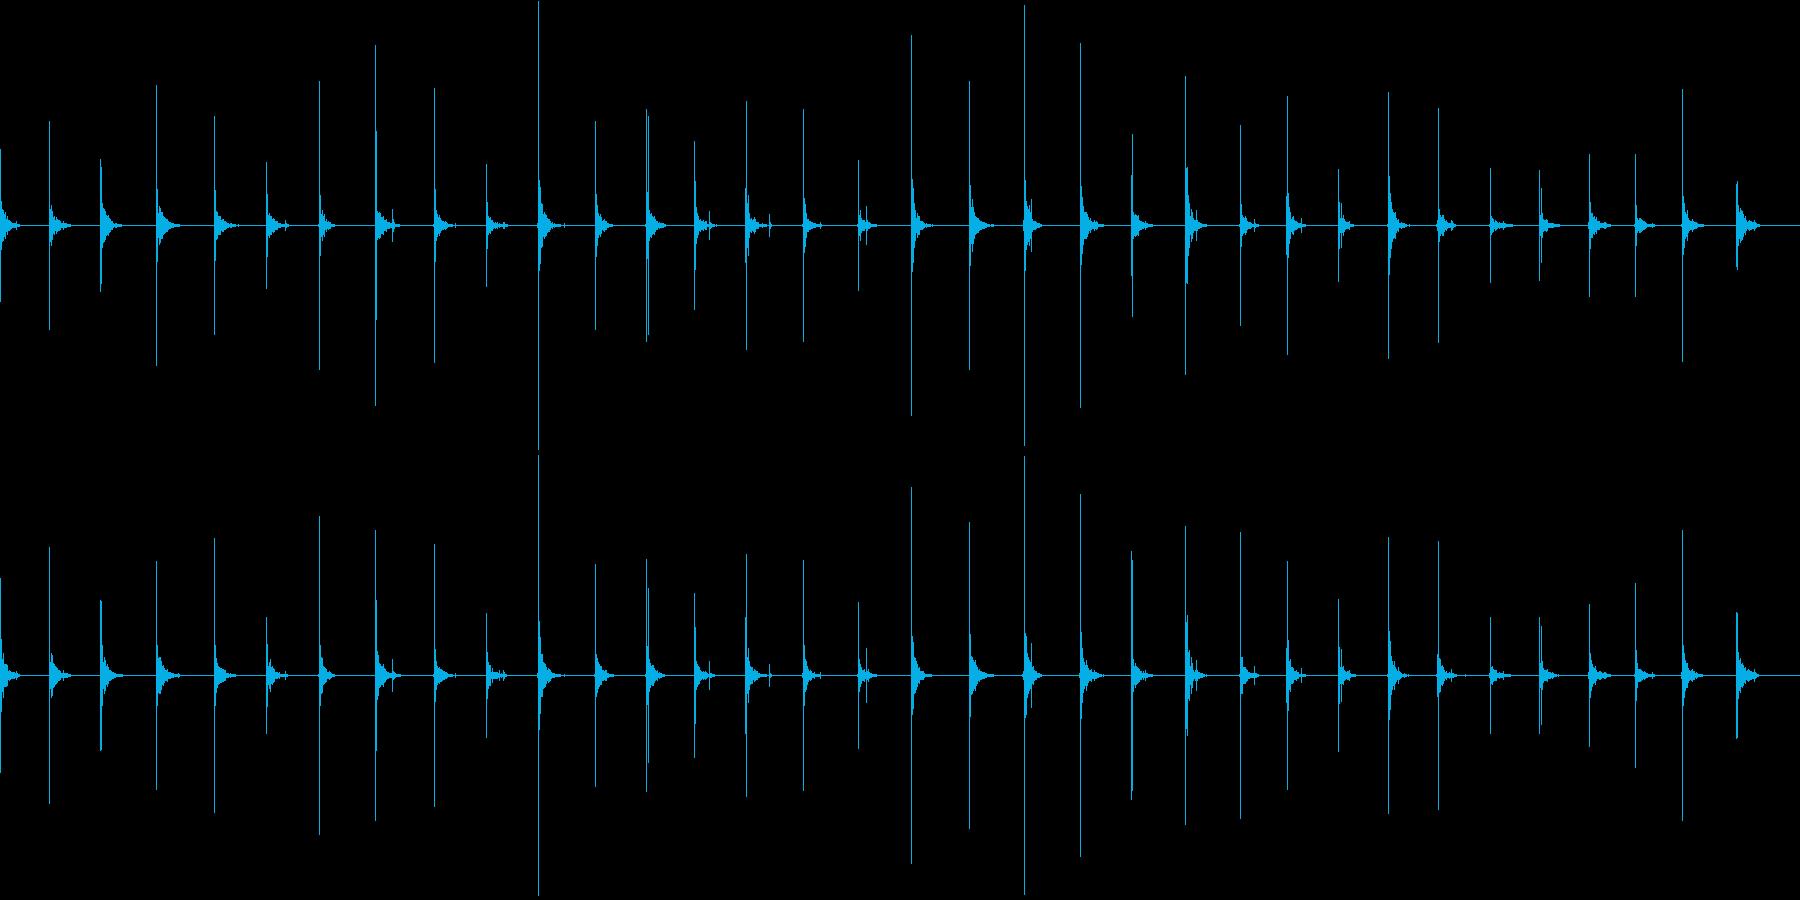 ハイヒールで走るの再生済みの波形